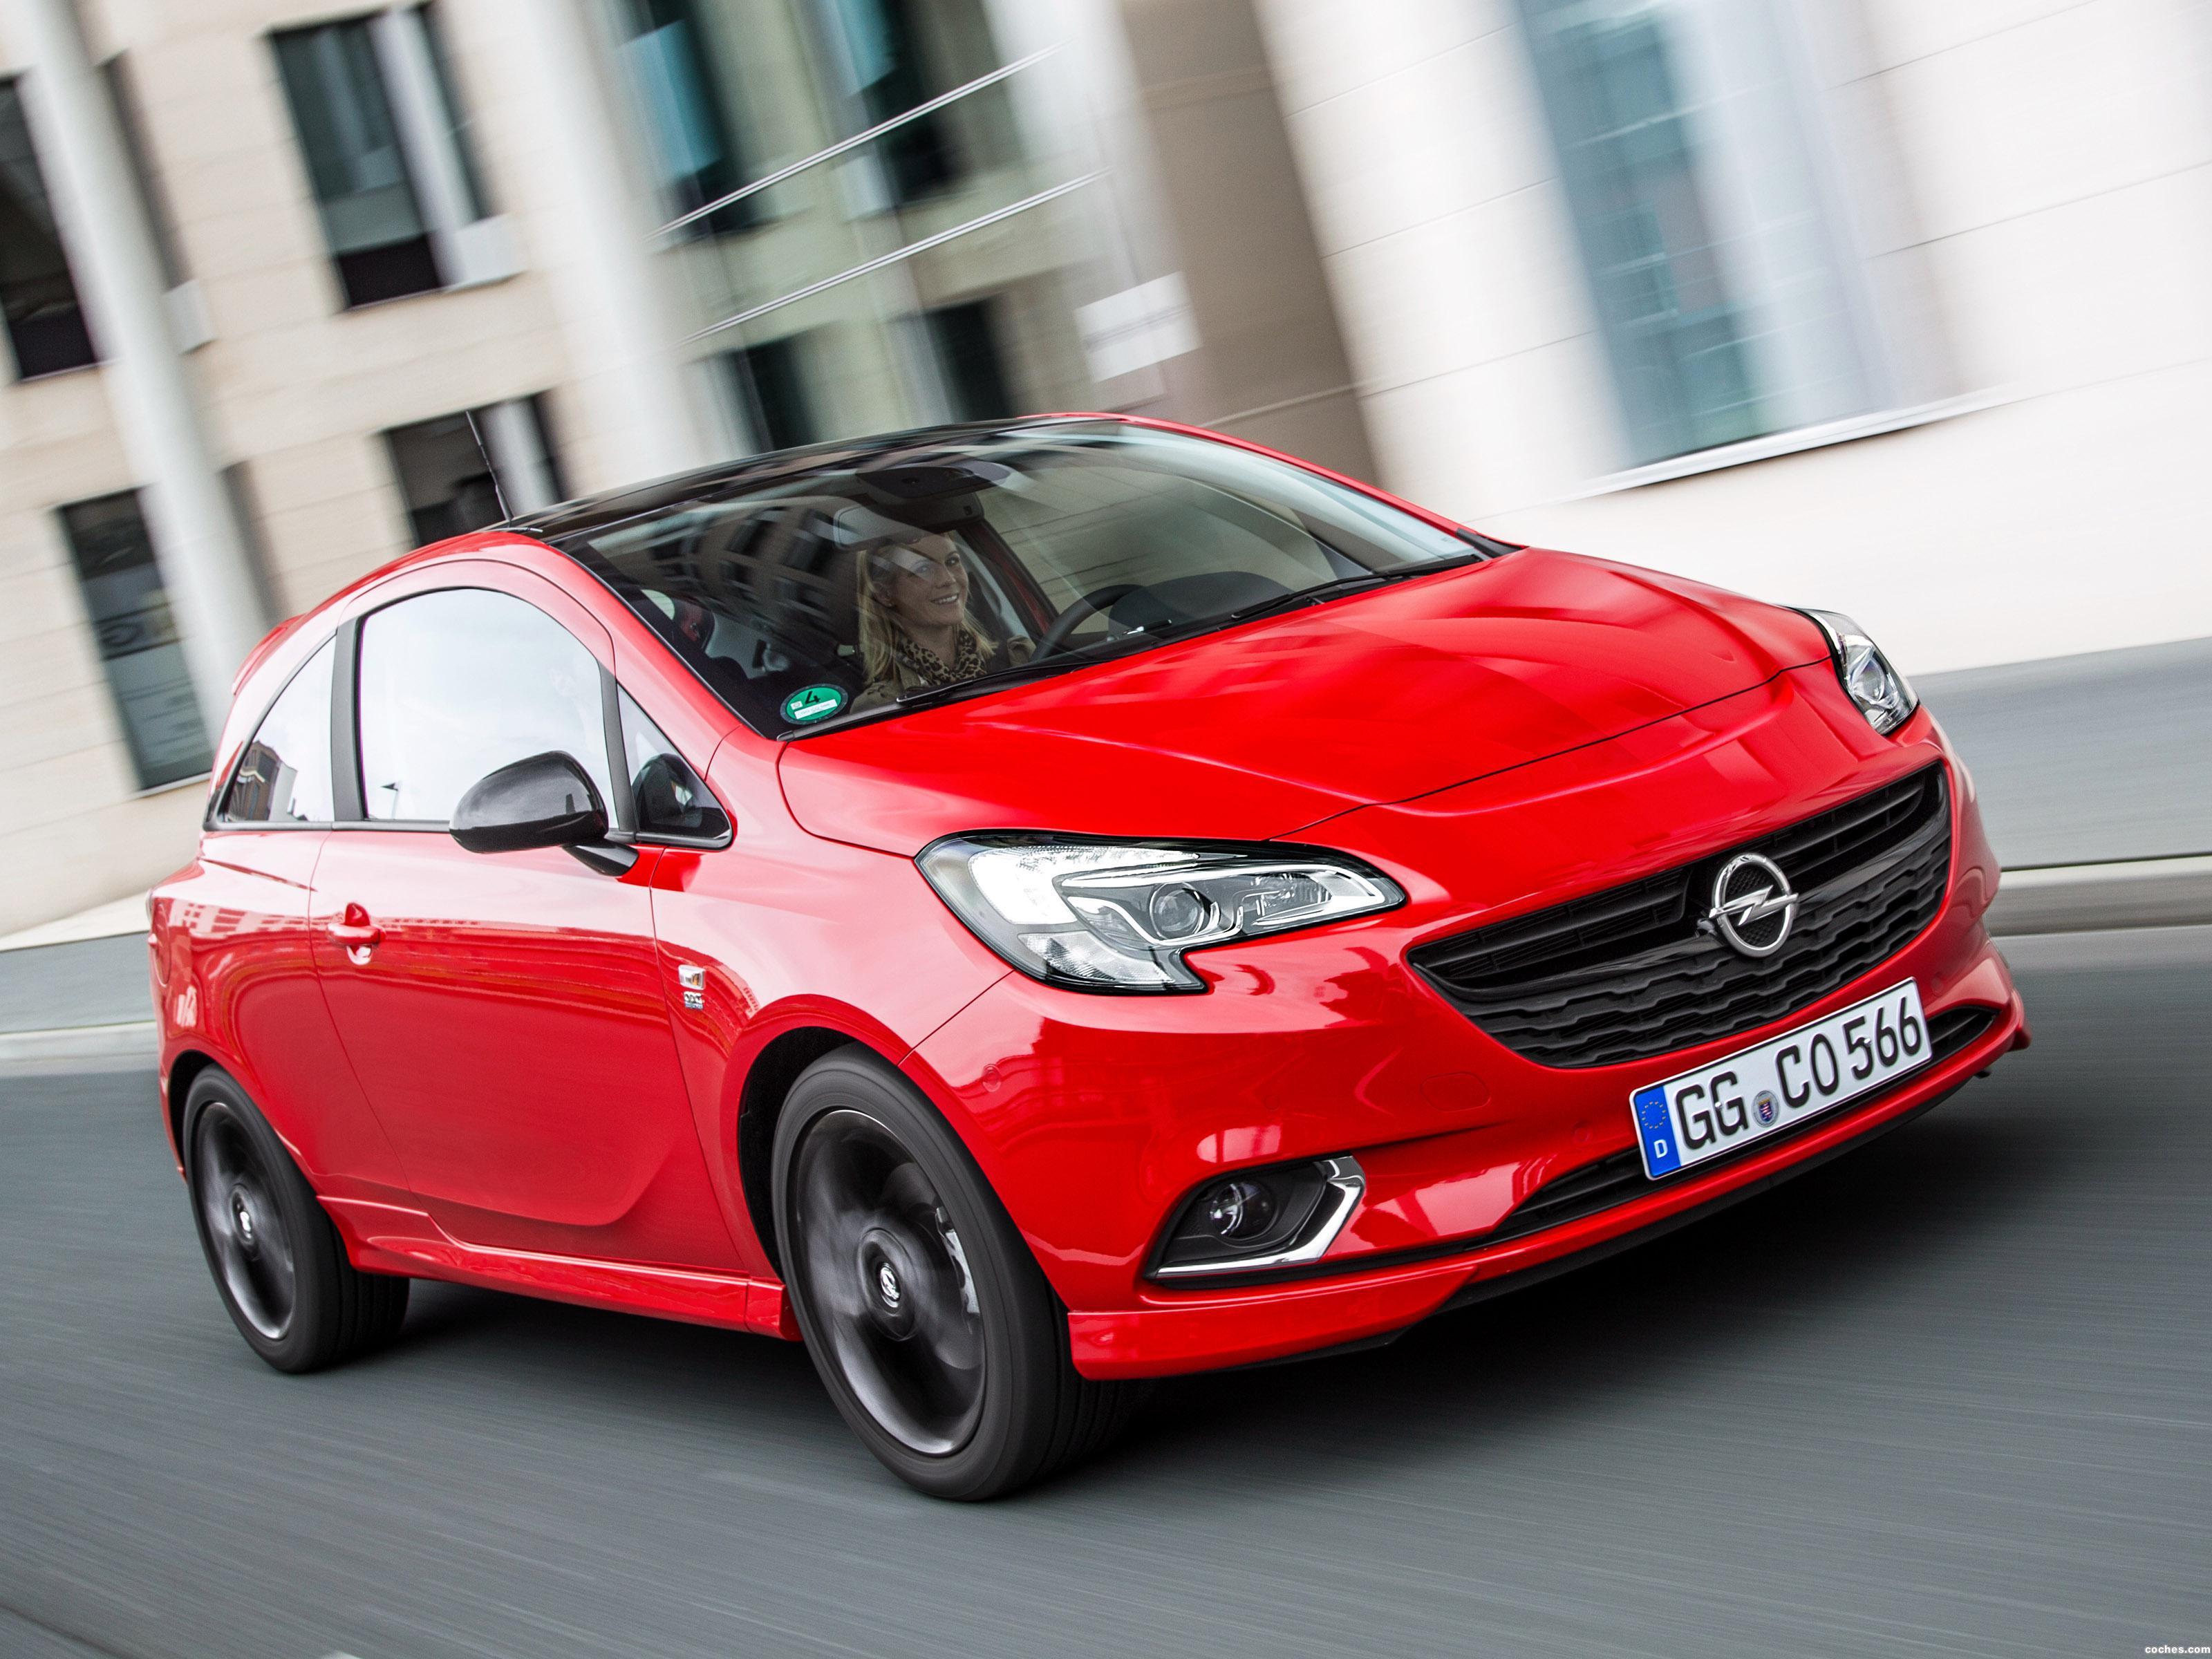 Foto 0 de Opel Corsa 3 puertas Color Edition Opc Line 2015